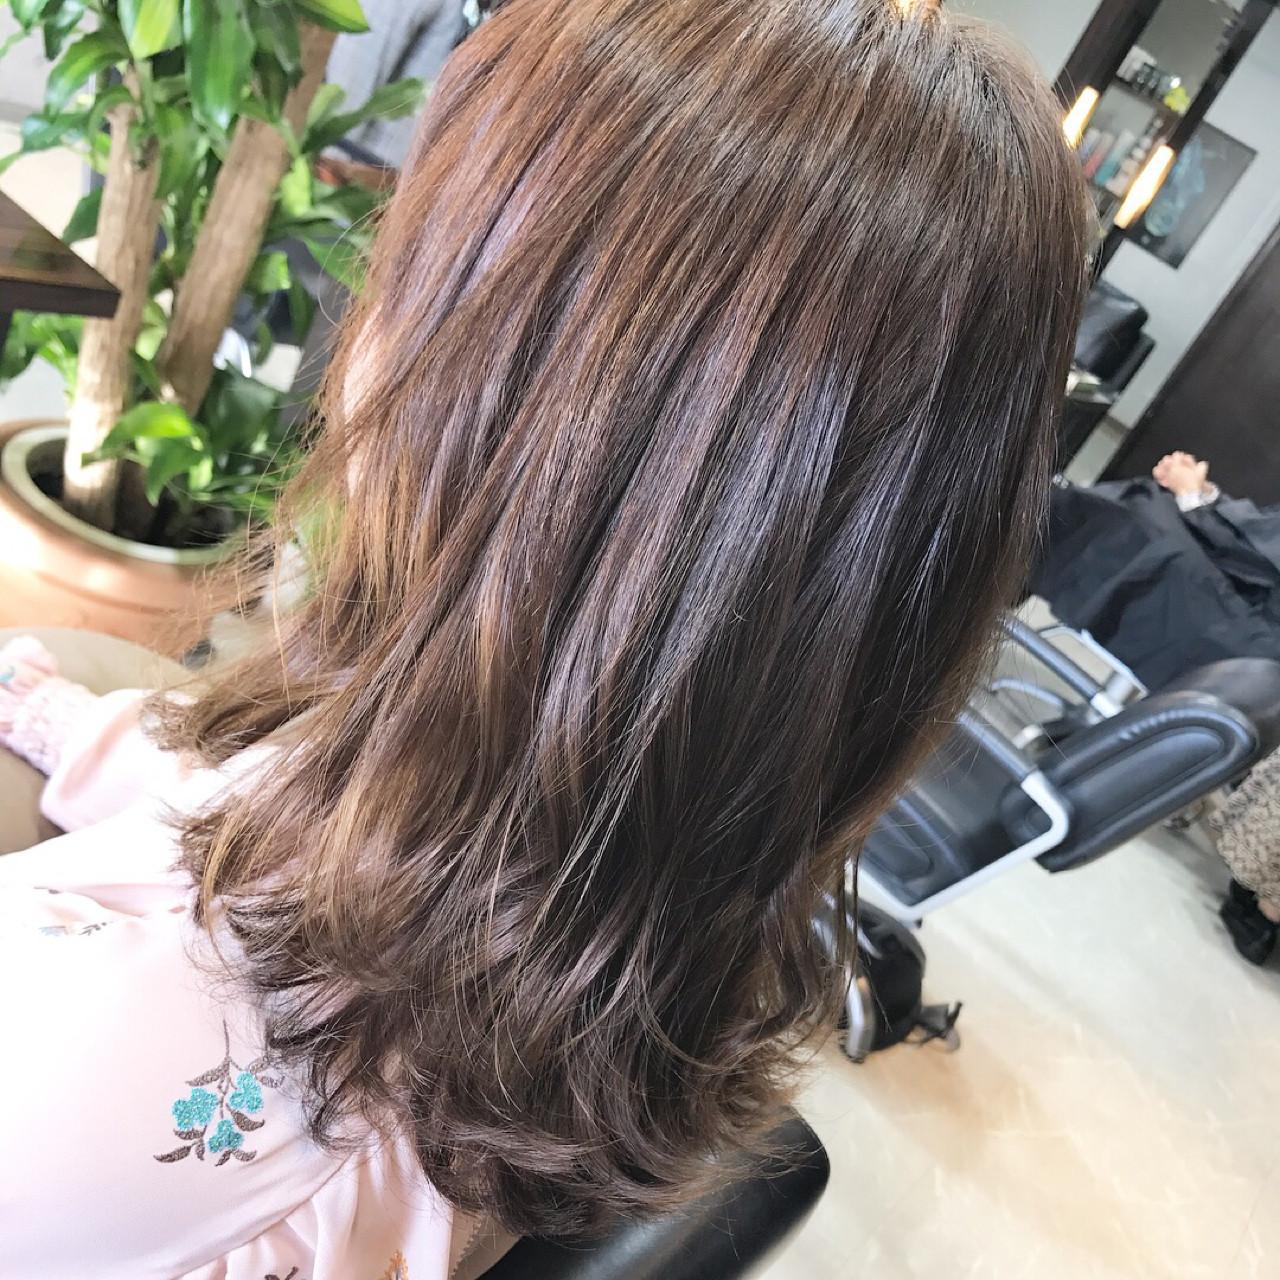 簡単ヘアアレンジ セミロング フェミニン 冬 ヘアスタイルや髪型の写真・画像 | 石丸 智也 / Mignon